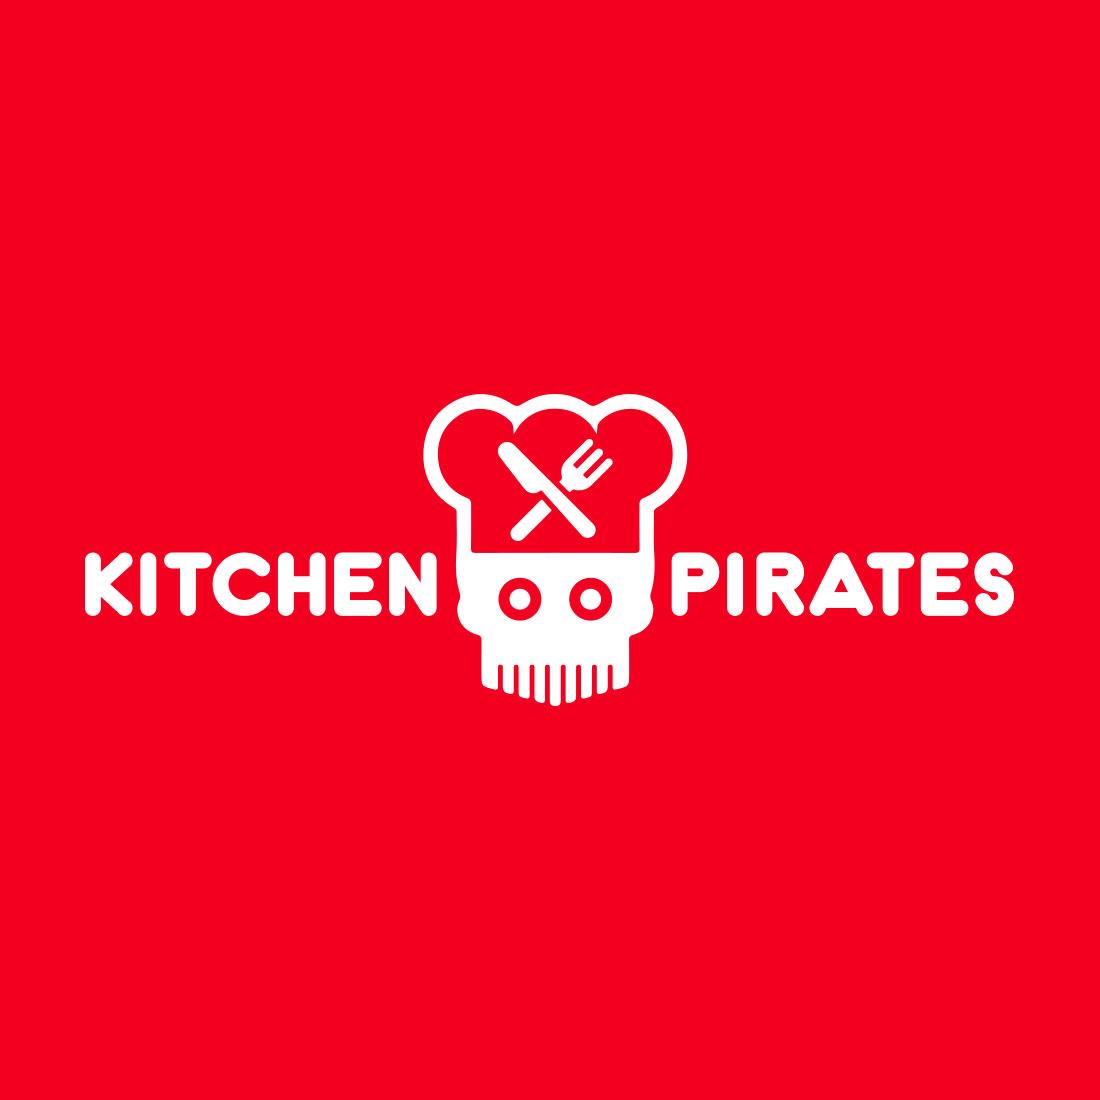 Kitchen-Pirates-Teaser